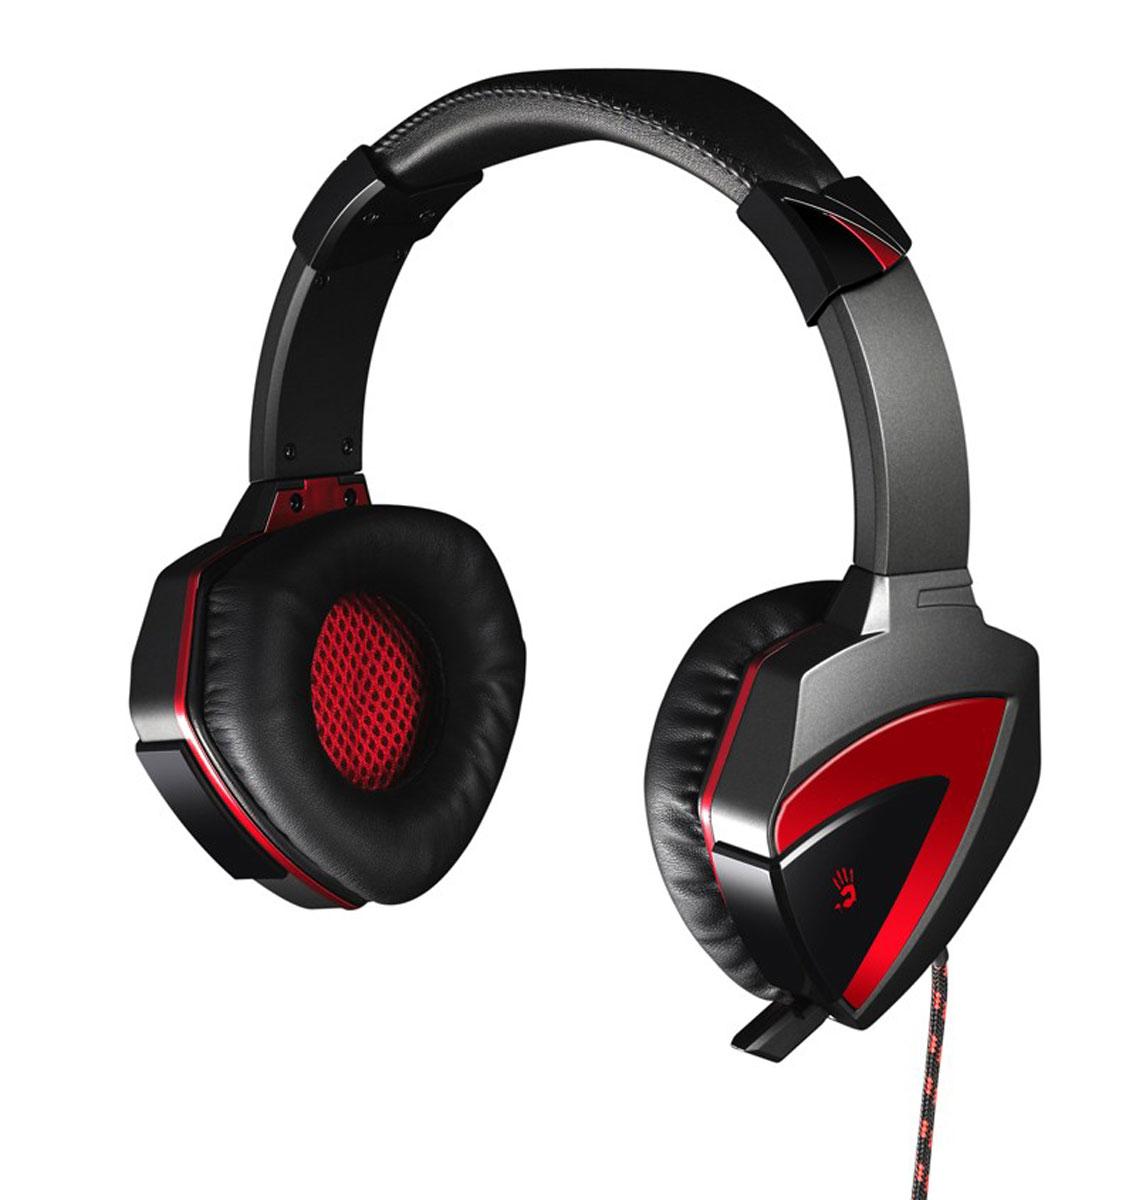 A4Tech Bloody G501, Black игровая гарнитураG501Игровая гарнитура Bloody G501 обеспечивают полноценное объемное звучание в формате 7.1, благодаря чему вы сможете почувствовать себя участником происходящего на экране. Гарнитура создана для полного погружения игрока в виртуальный мир!Выдвижной микрофон:Если вы не используете микрофон, то можете его спрятать и использовать гарнитуру как мониторные наушники.Альтернативные настройки голоса в микрофоне: Воспользуйтесь одним из пяти эффектов настройки звучания голоса выбирайте режим работы микрофона (Original / Warcraft / Duck / Male-Female / Female-Male).Безупречный комфорт:Оголовье наушников регулируется, а амбушюры созданы специально для комфортного прослушивания. Раковины вращаются на 360 градусов, что создает максимальный комфорт для пользователя!Шумоподавление:Шумы полностью подавляются, что позволяет игроку не отвлекаться от игры.Легкий вес и компактность: Вес гарнитуры всего 258 г, благодаря легкости, шея и голова игрока находится в комфорте и не устает.Bloody G501 не обычная игровая гарнитура, эта гарнитура обладает всем спектром настроек профессионального уровня, что удовлетворит требования любого геймера. Все это было достигнуто путем инновационных разработок и многолетнего опыта. С гарнитурой Bloody играть в вашу любимую игру станет приятнее и вы ощутите звук на все 100%!Характеристики микрофона:Направленность микрофона: всенаправленныйЧувствительность микрофона: -58 дБЧастотный диапазон: 50 - 16000 Гц